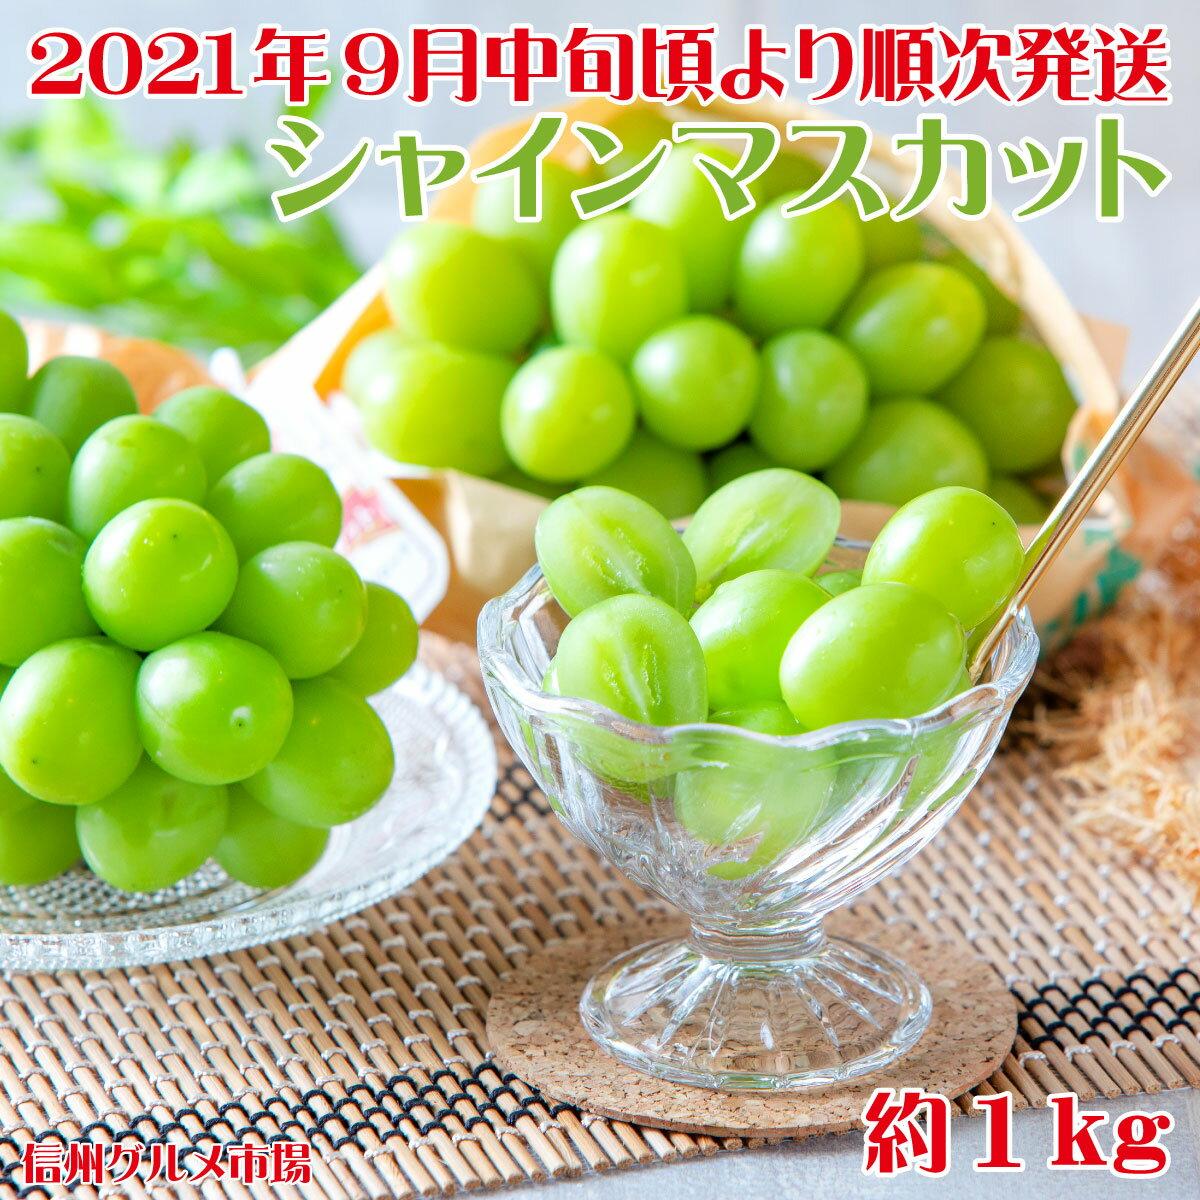 シャインマスカット 約1kg《信州グルメ市場》■2021年発送■※9月中旬頃より順次発送予定 果物 フルーツ ぶどう